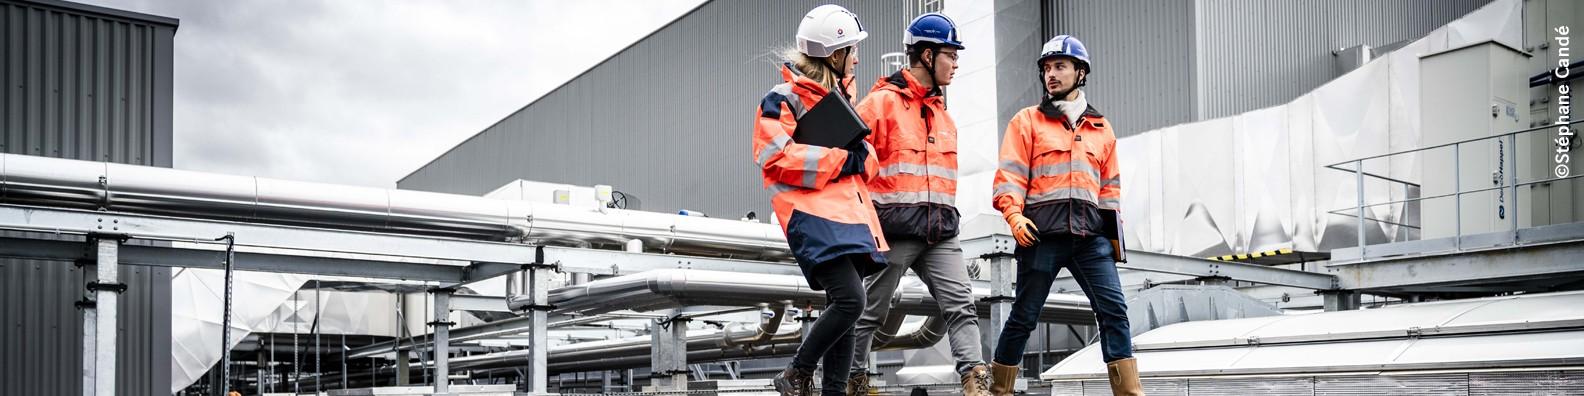 VINCI Construction: Jobs | LinkedIn